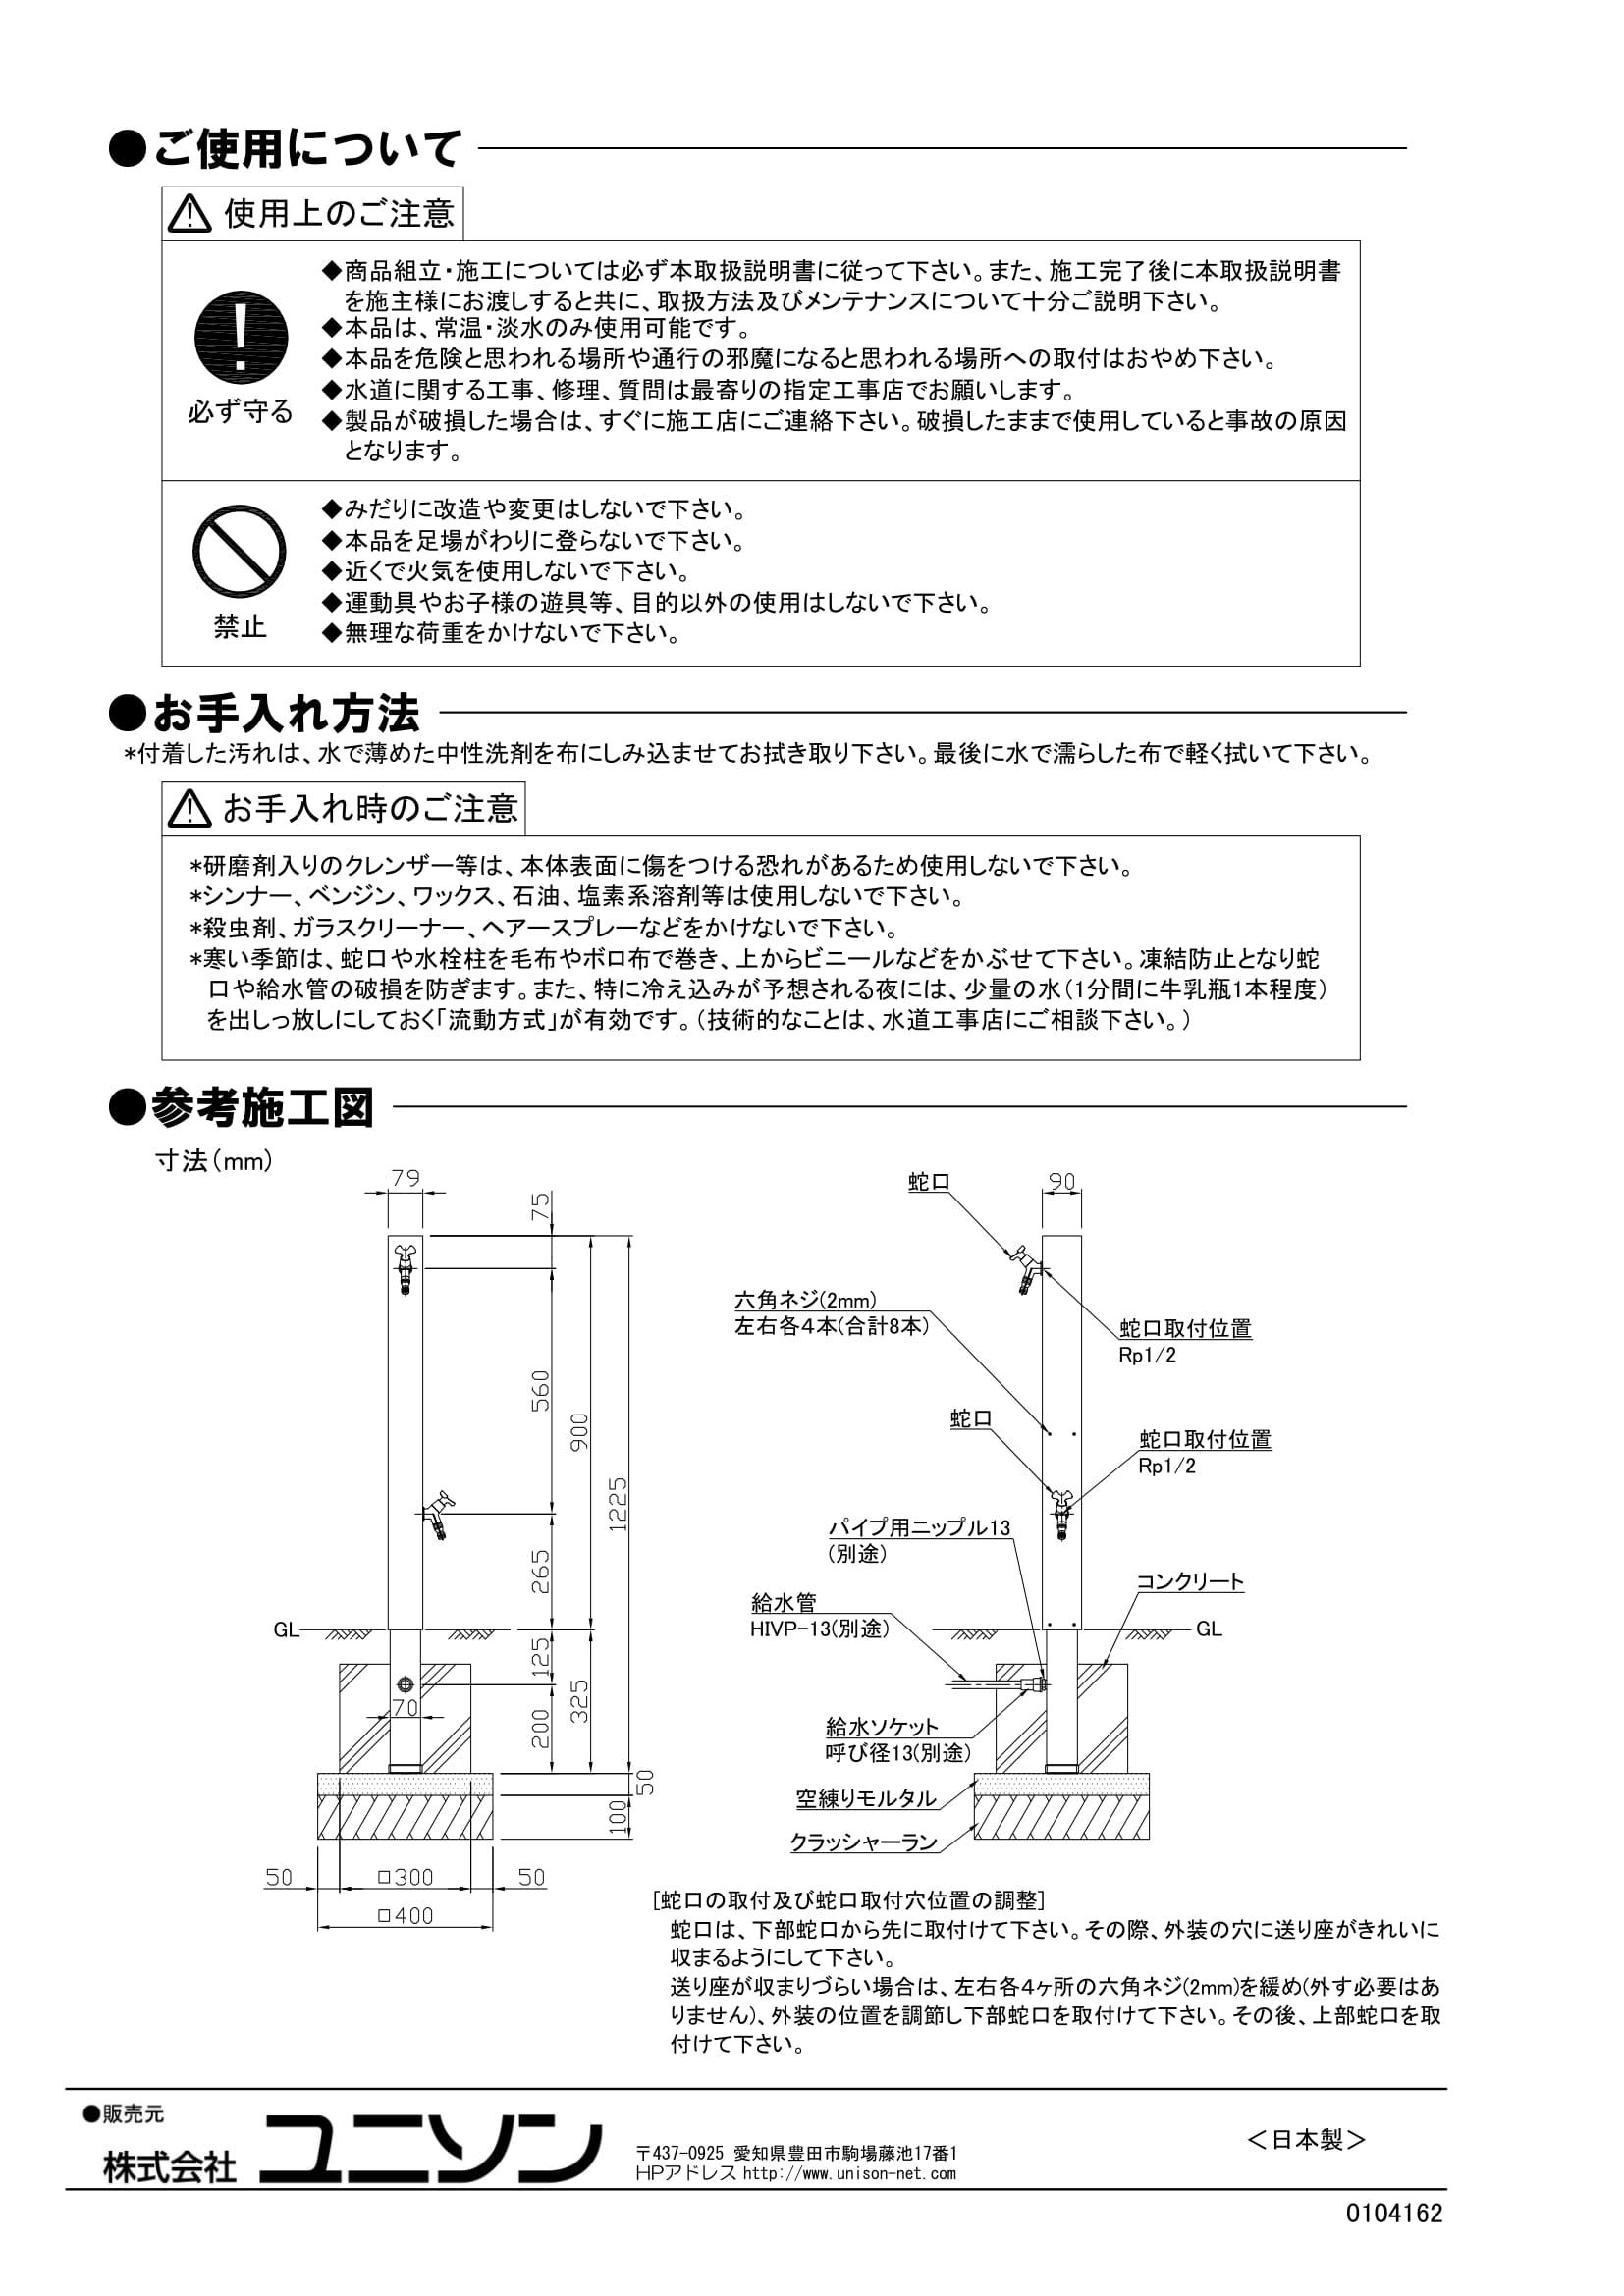 水凛スタンドLN_取扱説明書-2